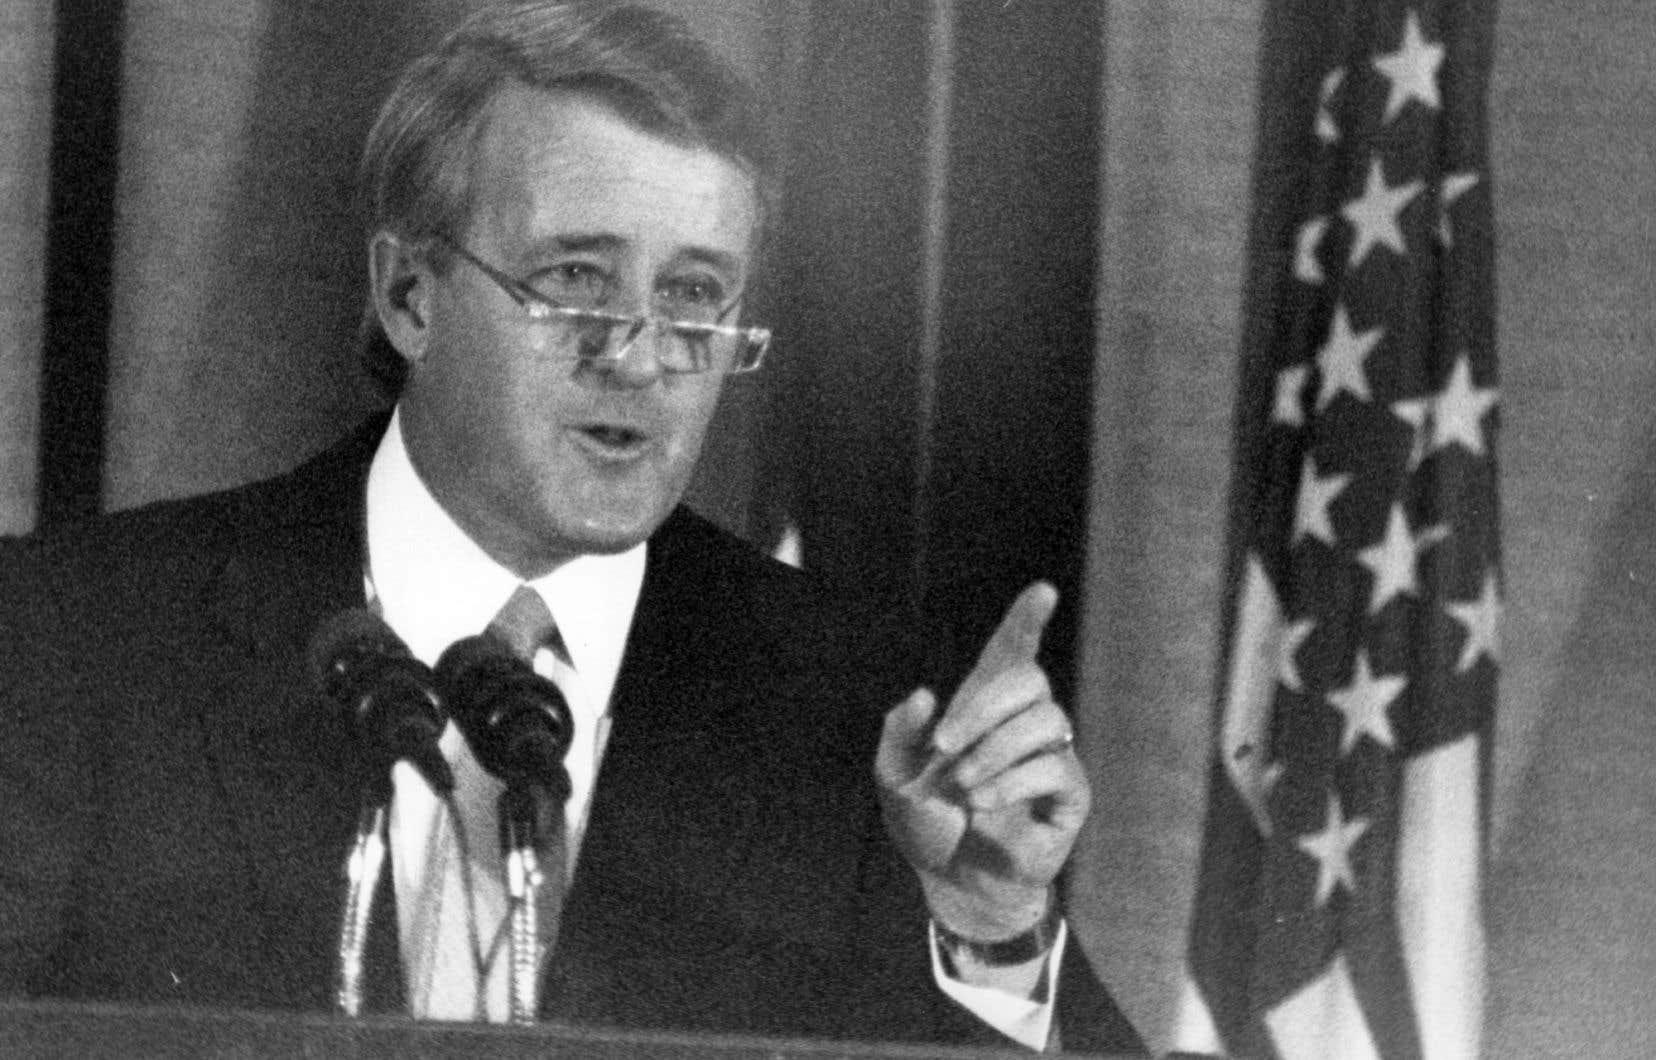 Brian Mulroney en décembre 1990. Selon le procès verbal de la réunion du 22 juin 1990, Brian Mulroney aurait dit que «l'accord du lac Meech avait été bloqué et miné par des gens qui pensaient avoir le droit de gouverner pour toujours».